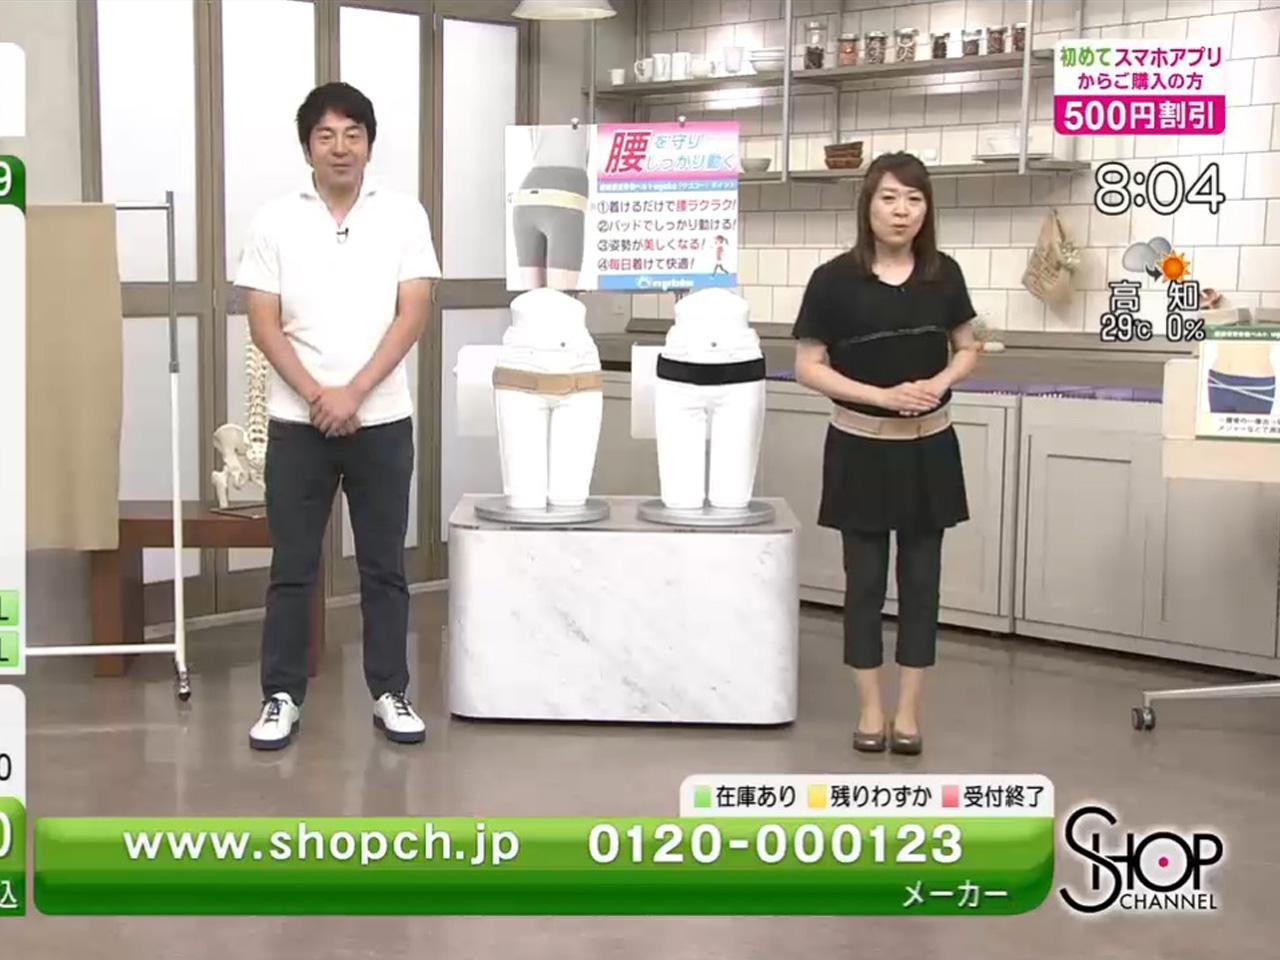 ショップ骨盤ugoko_1 (2)